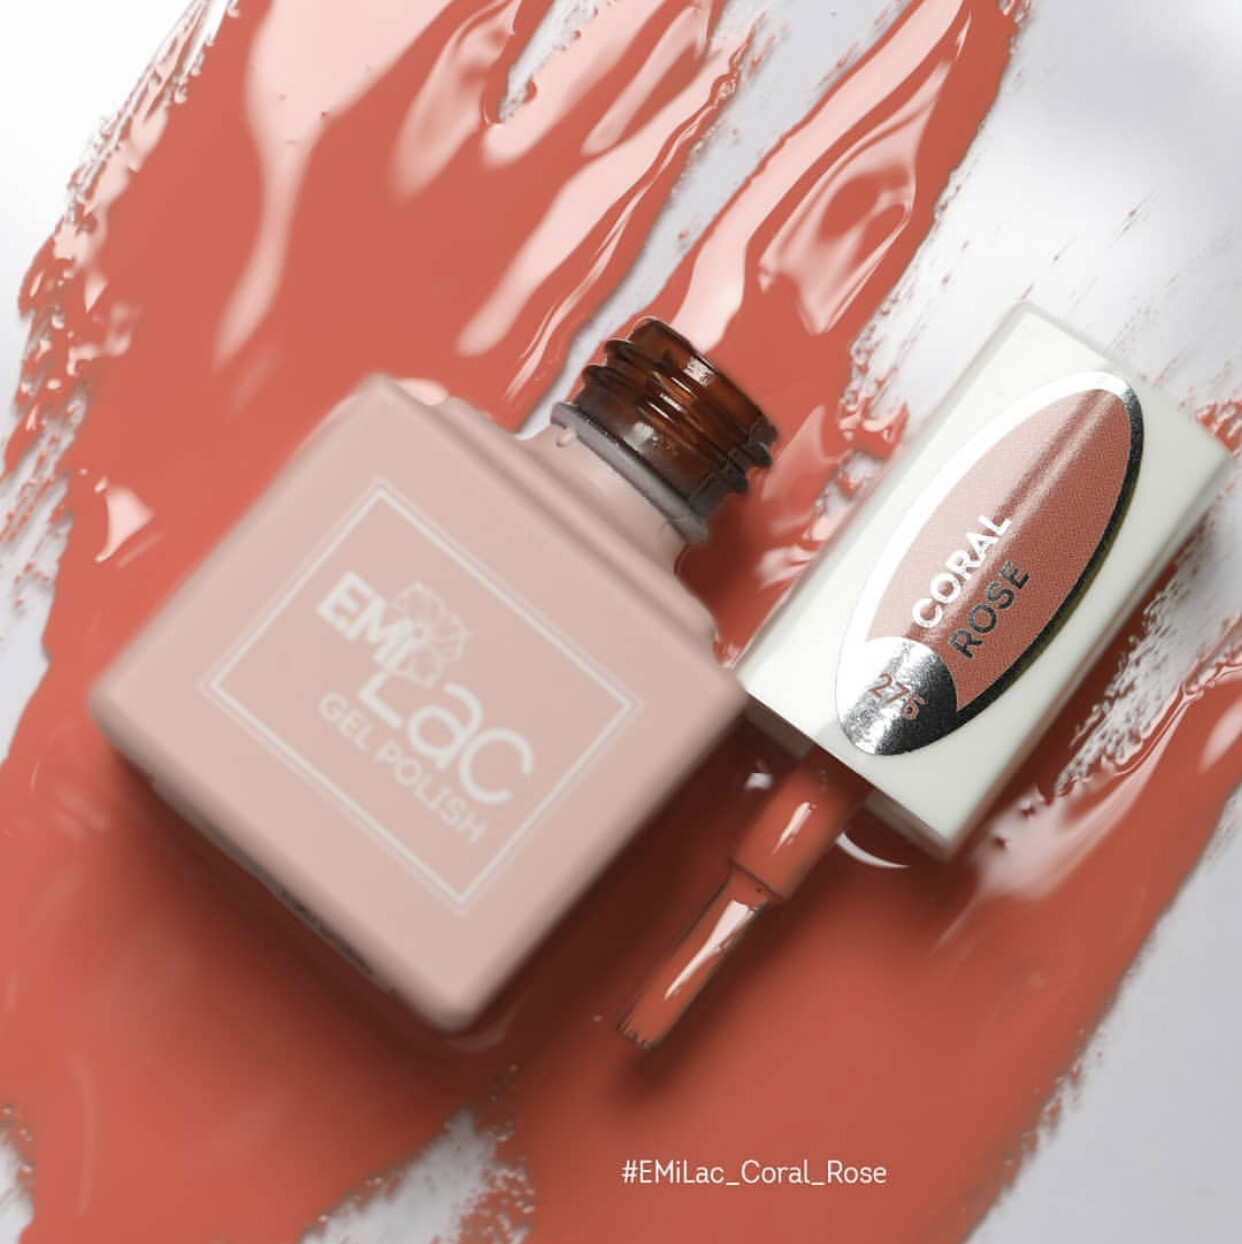 E.MiLac CG Coral Rose #275, 9 ml